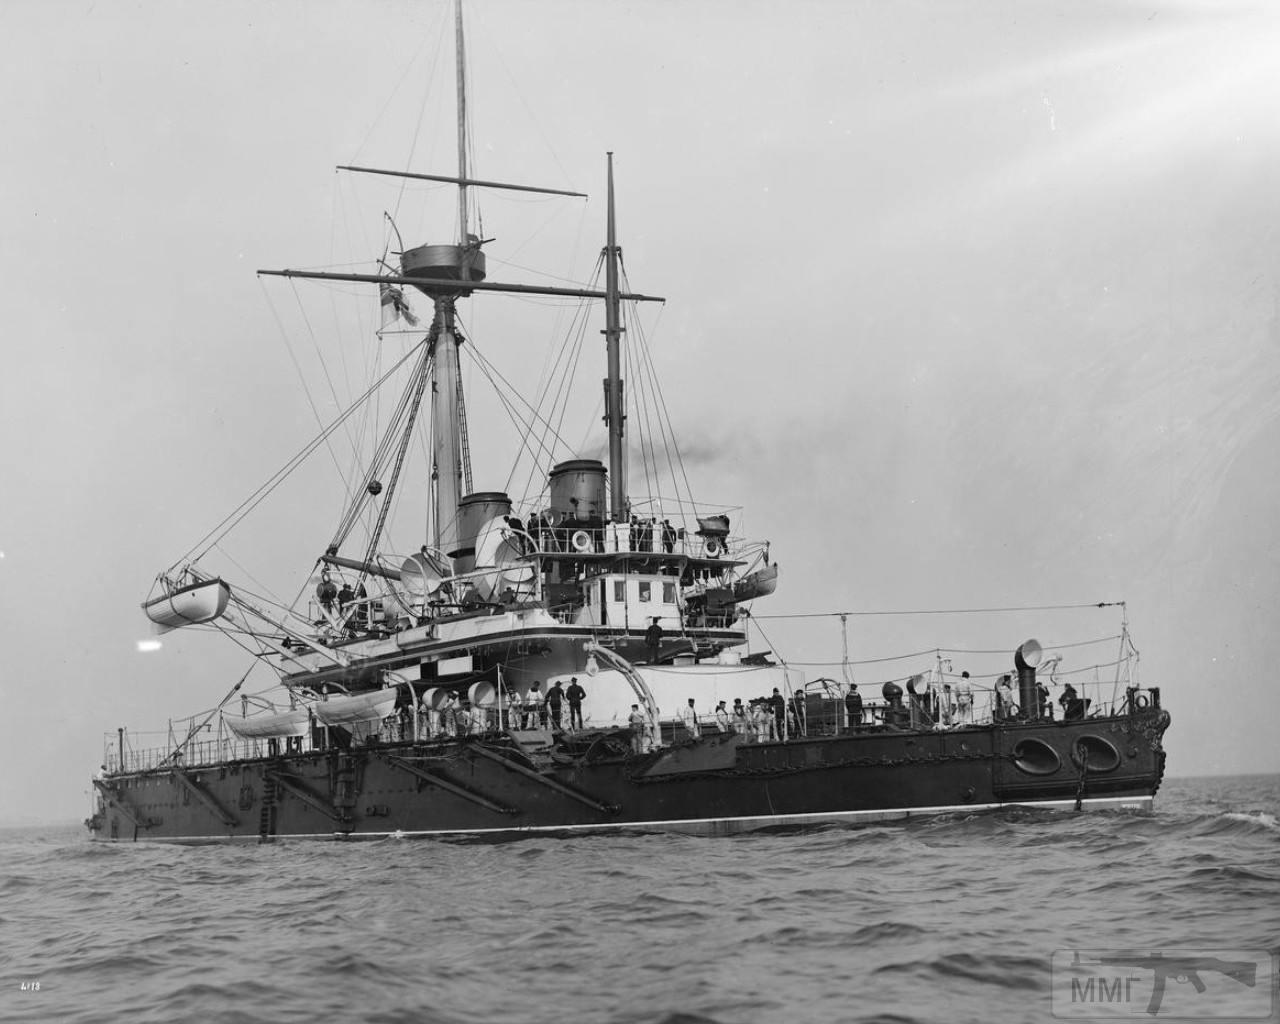 35000 - HMS Thunderer